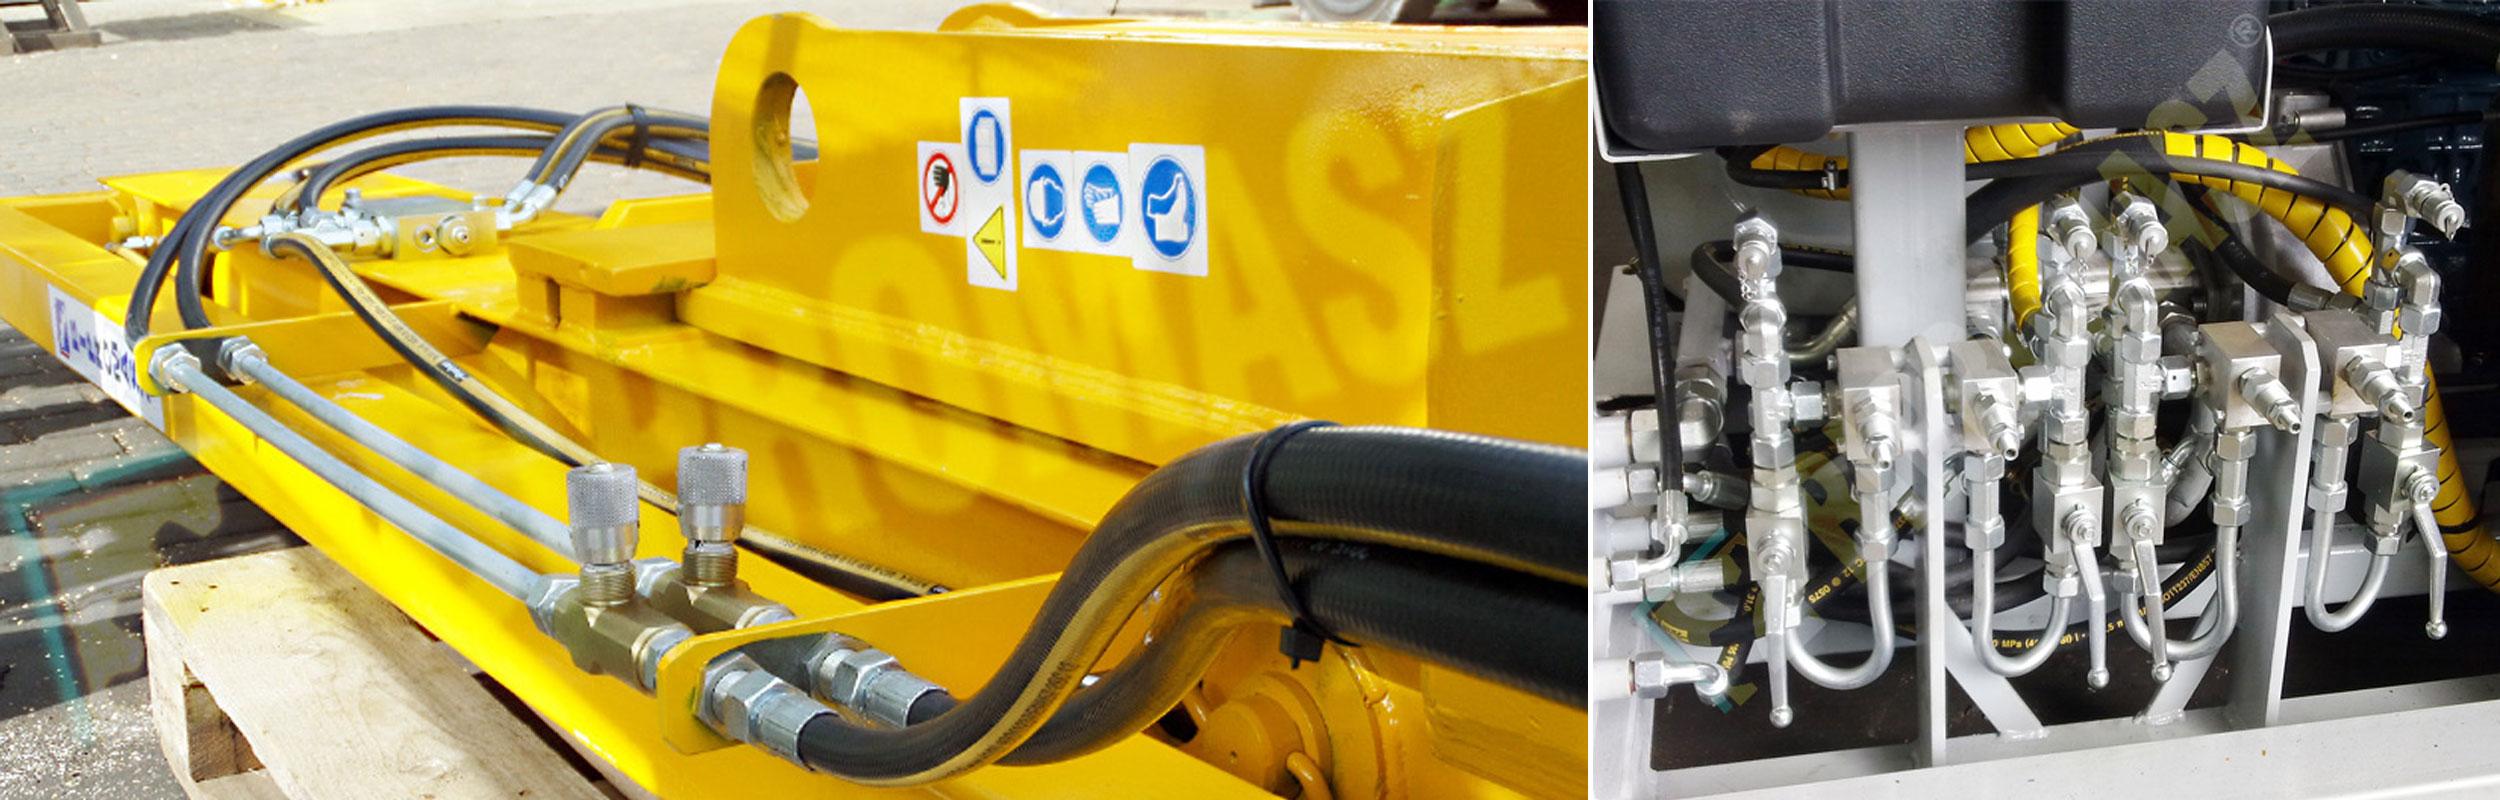 Instalacje hydrauliczne na maszynach i obiektach przemysłowych produkcji firmy Bipromasz